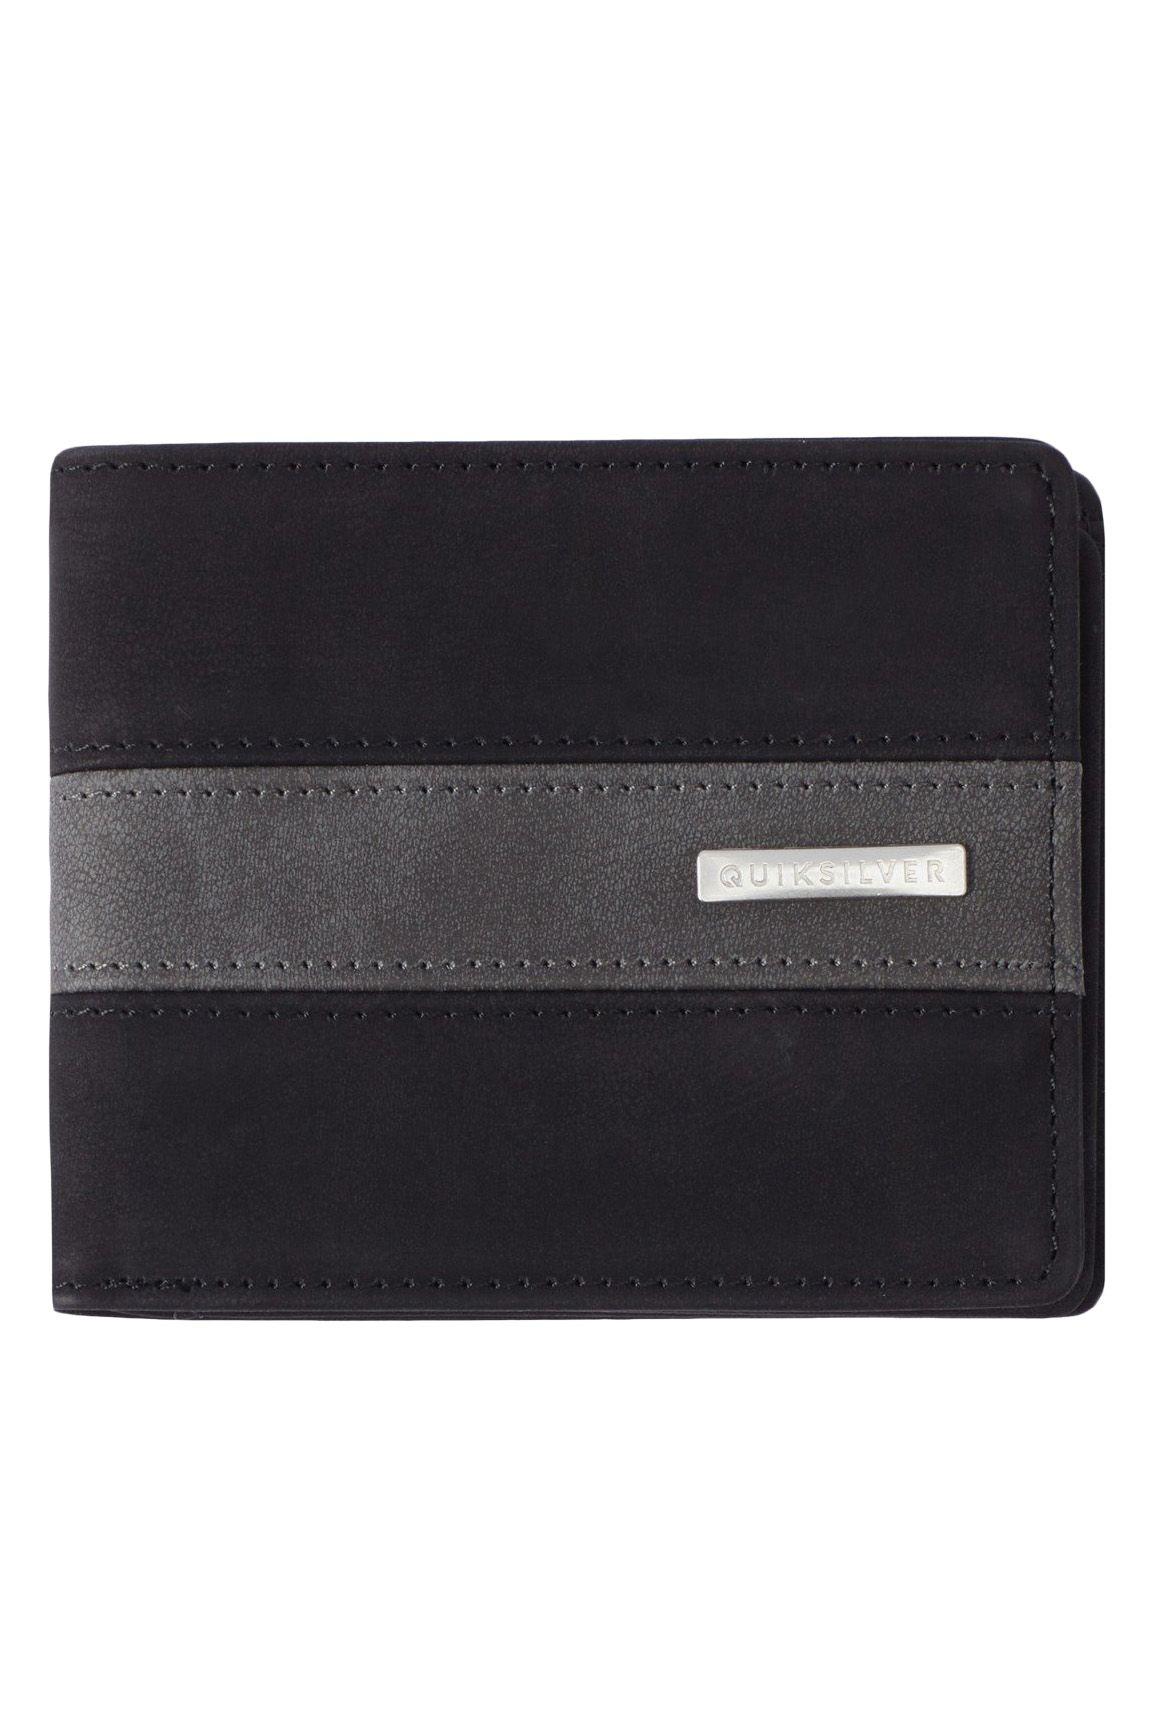 Quiksilver Wallet PU  ARCH PARCH Black